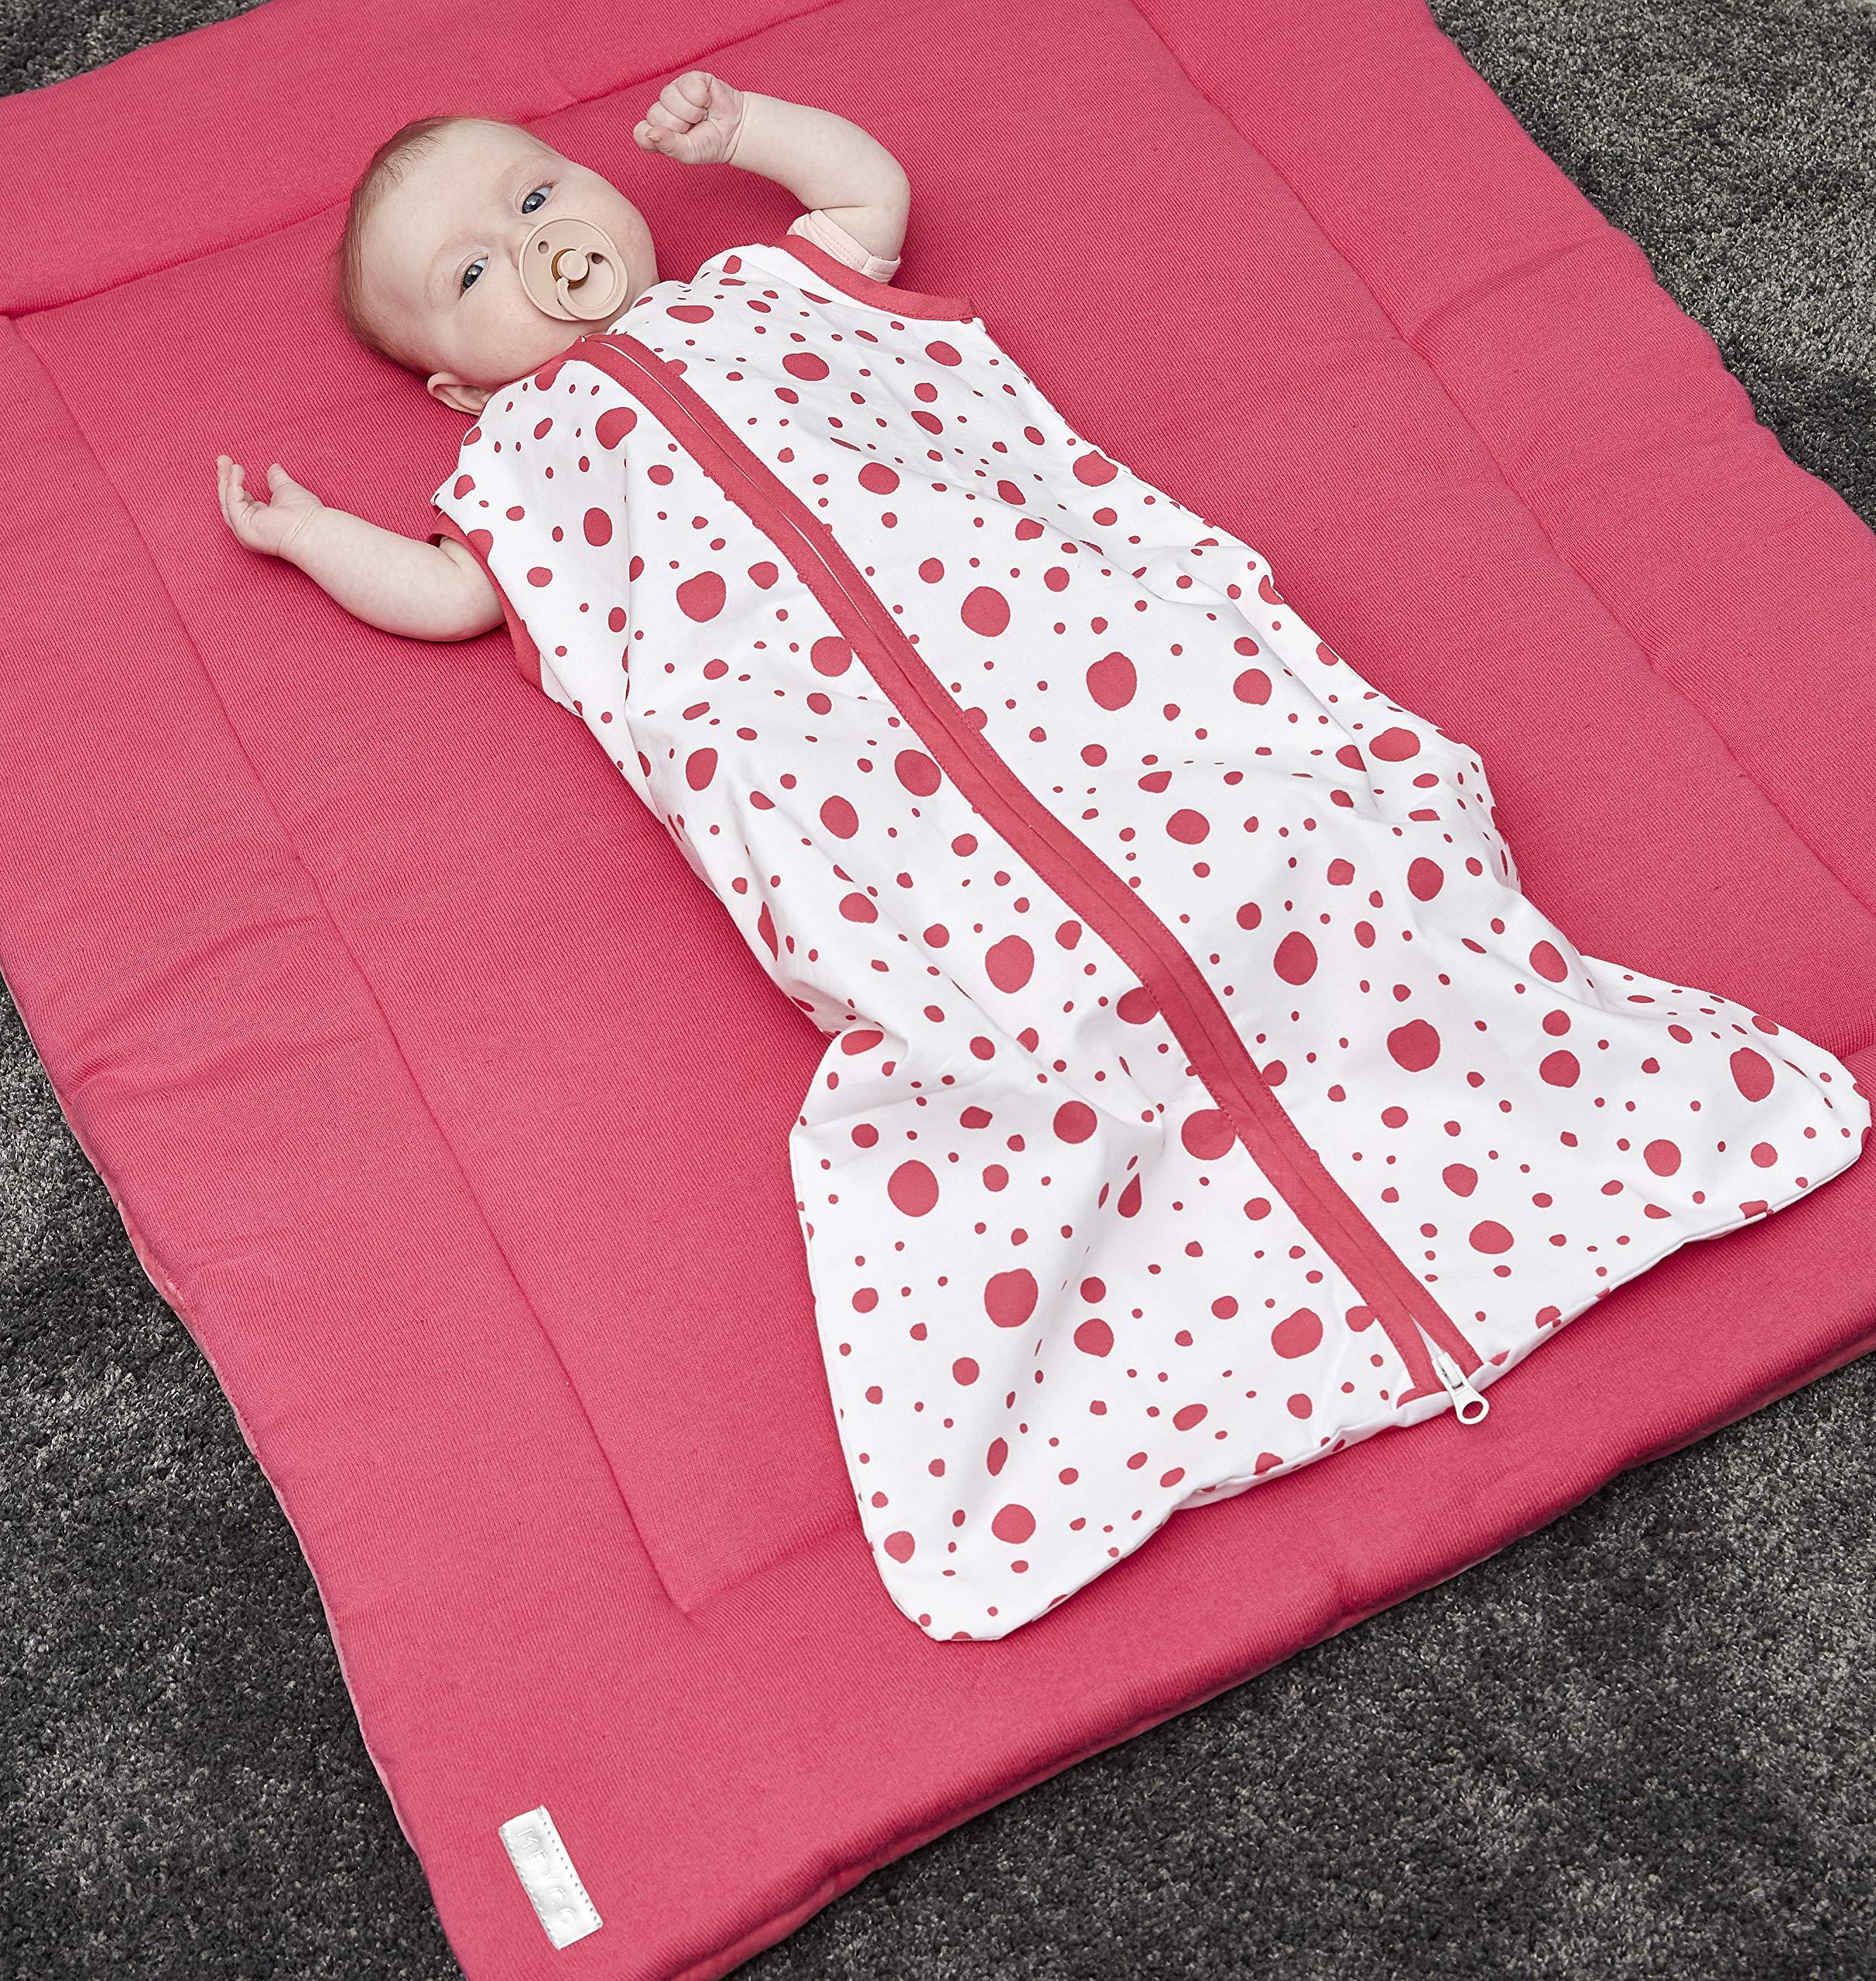 Meyco 412933 – Saco de dormir para verano (110 cm, sin forro, 100% algodón, 12-36 meses), diseño de puntos, color rosa y…